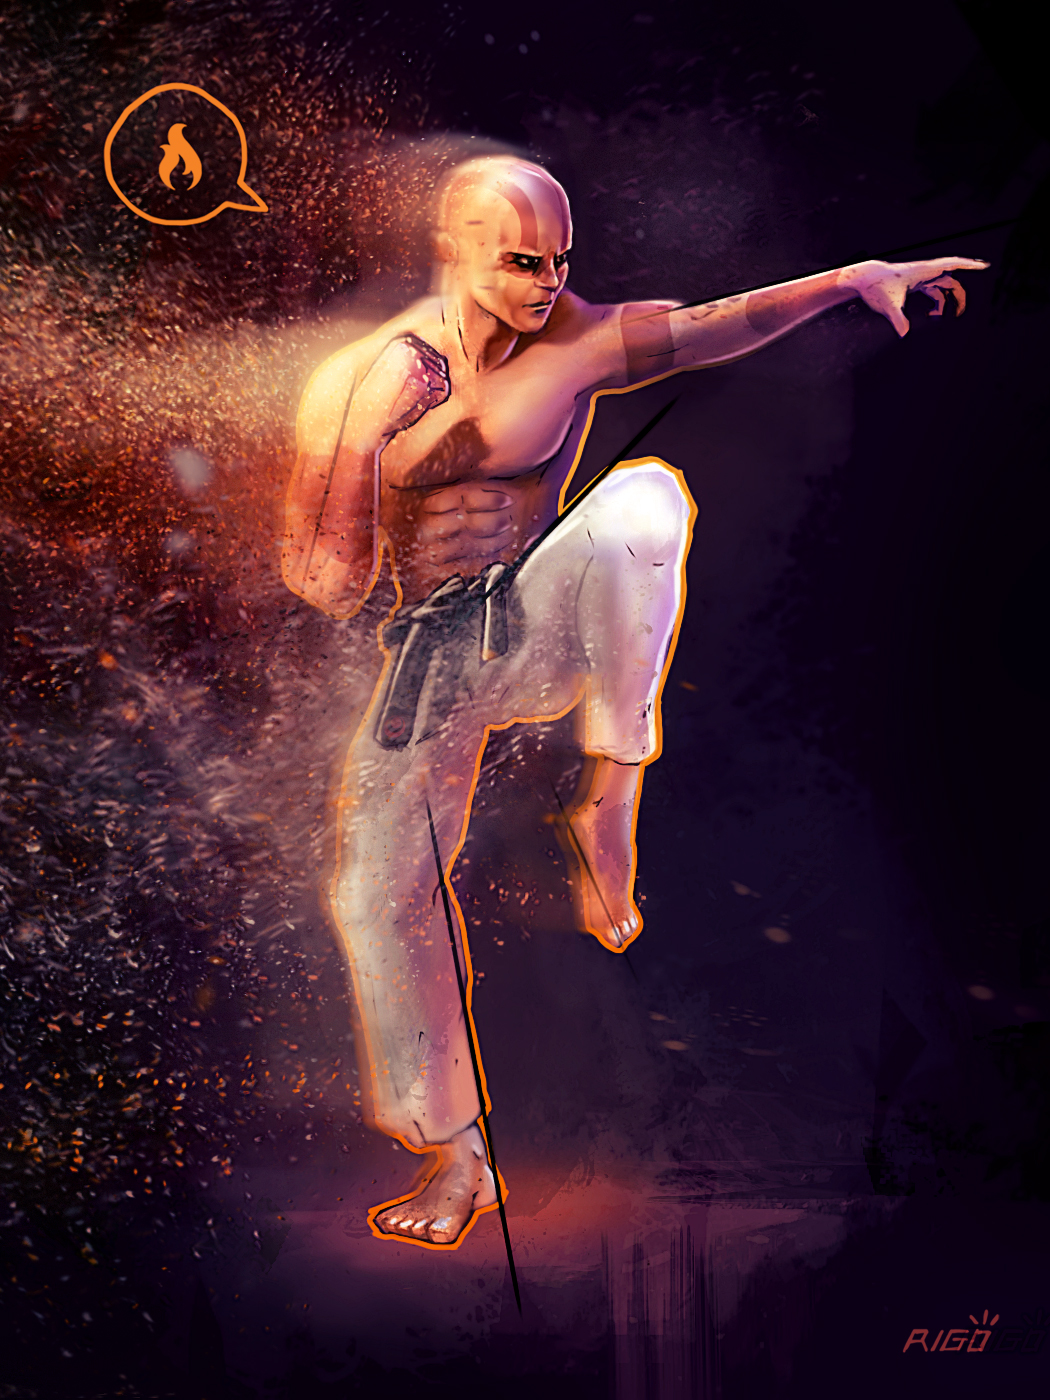 Luchador De Okinawa - Okinawa Fighter